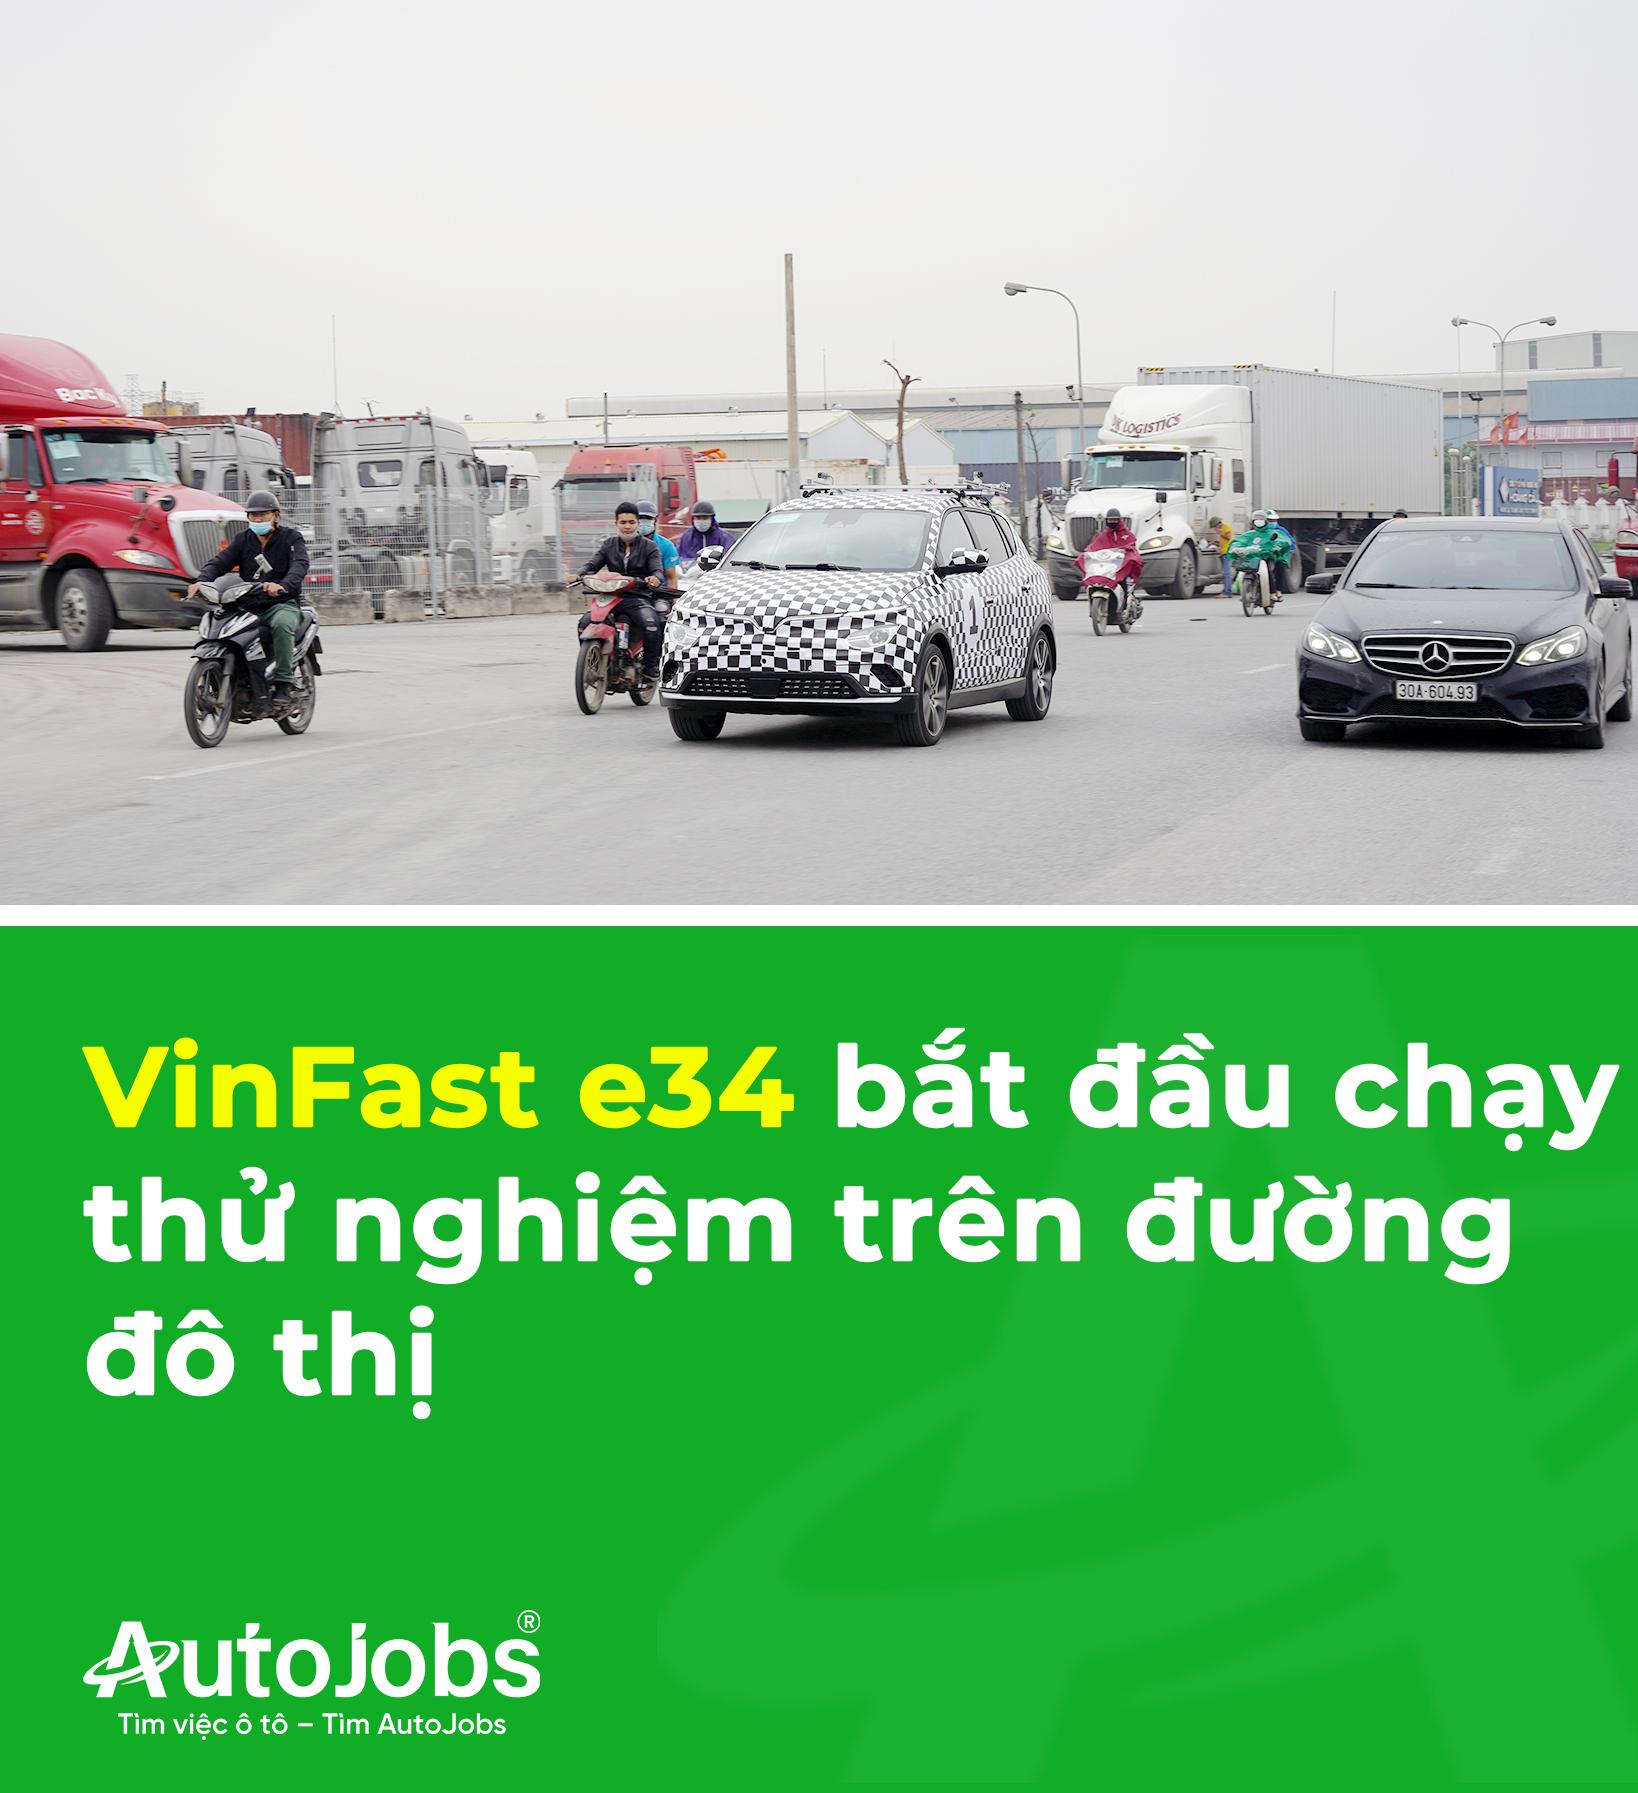 vinfast chạy thử nghiệm.jpg